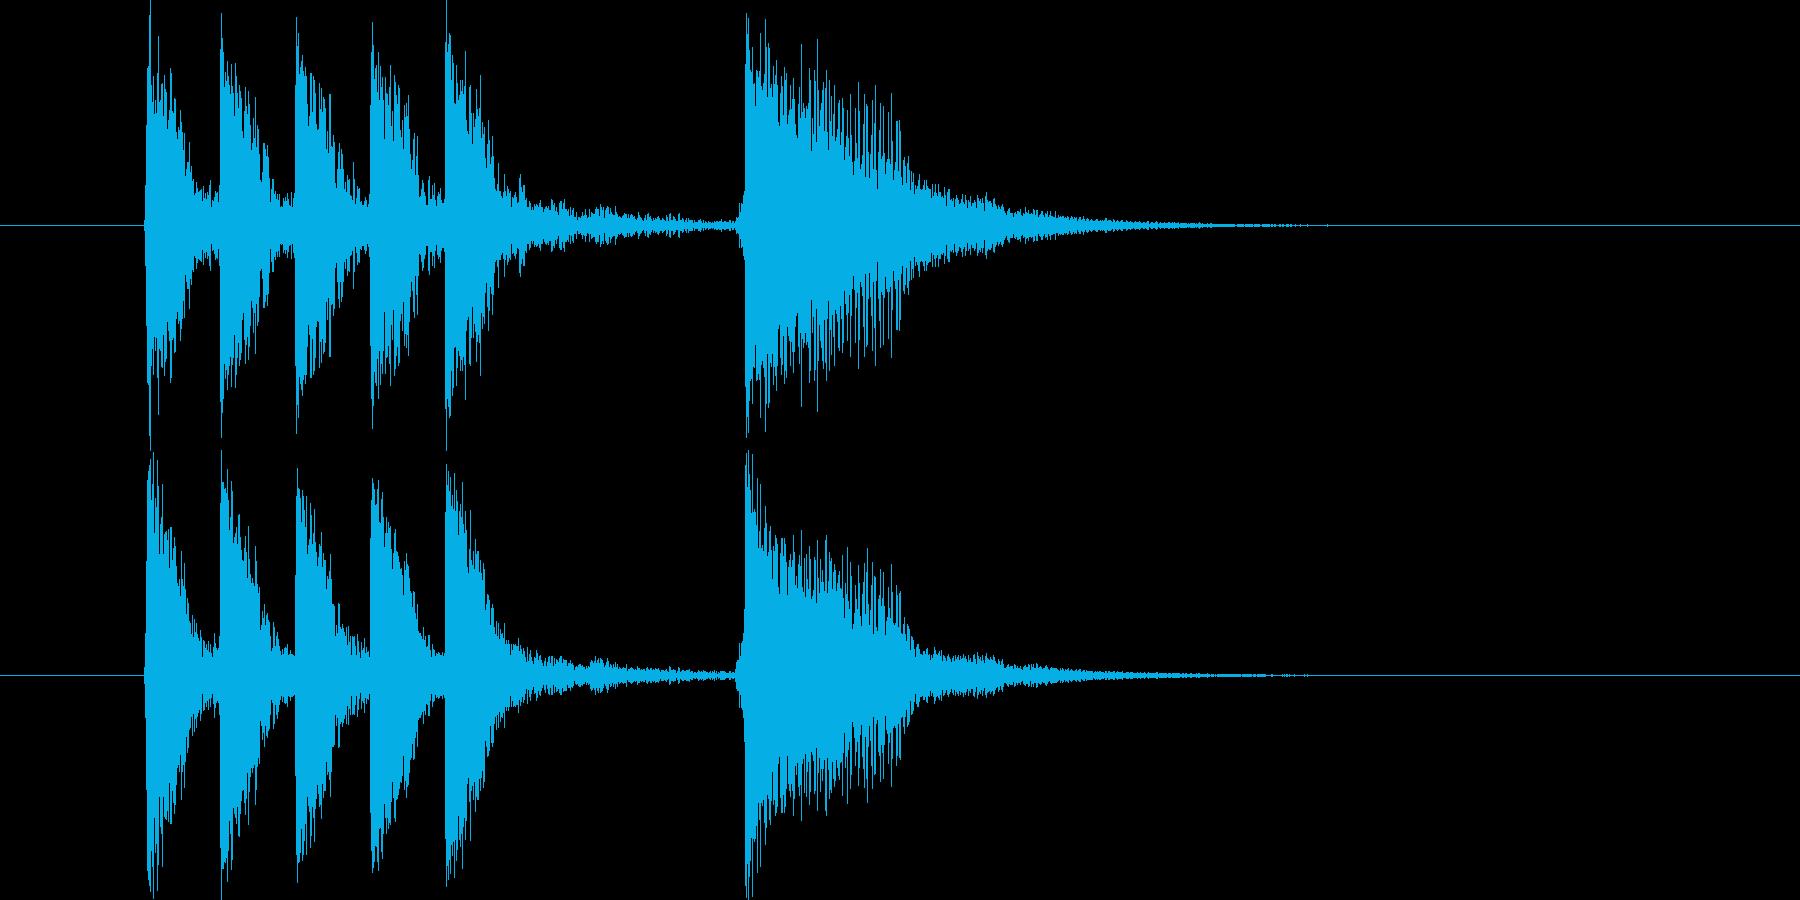 明るいバンドサウンドによるジングル曲の再生済みの波形